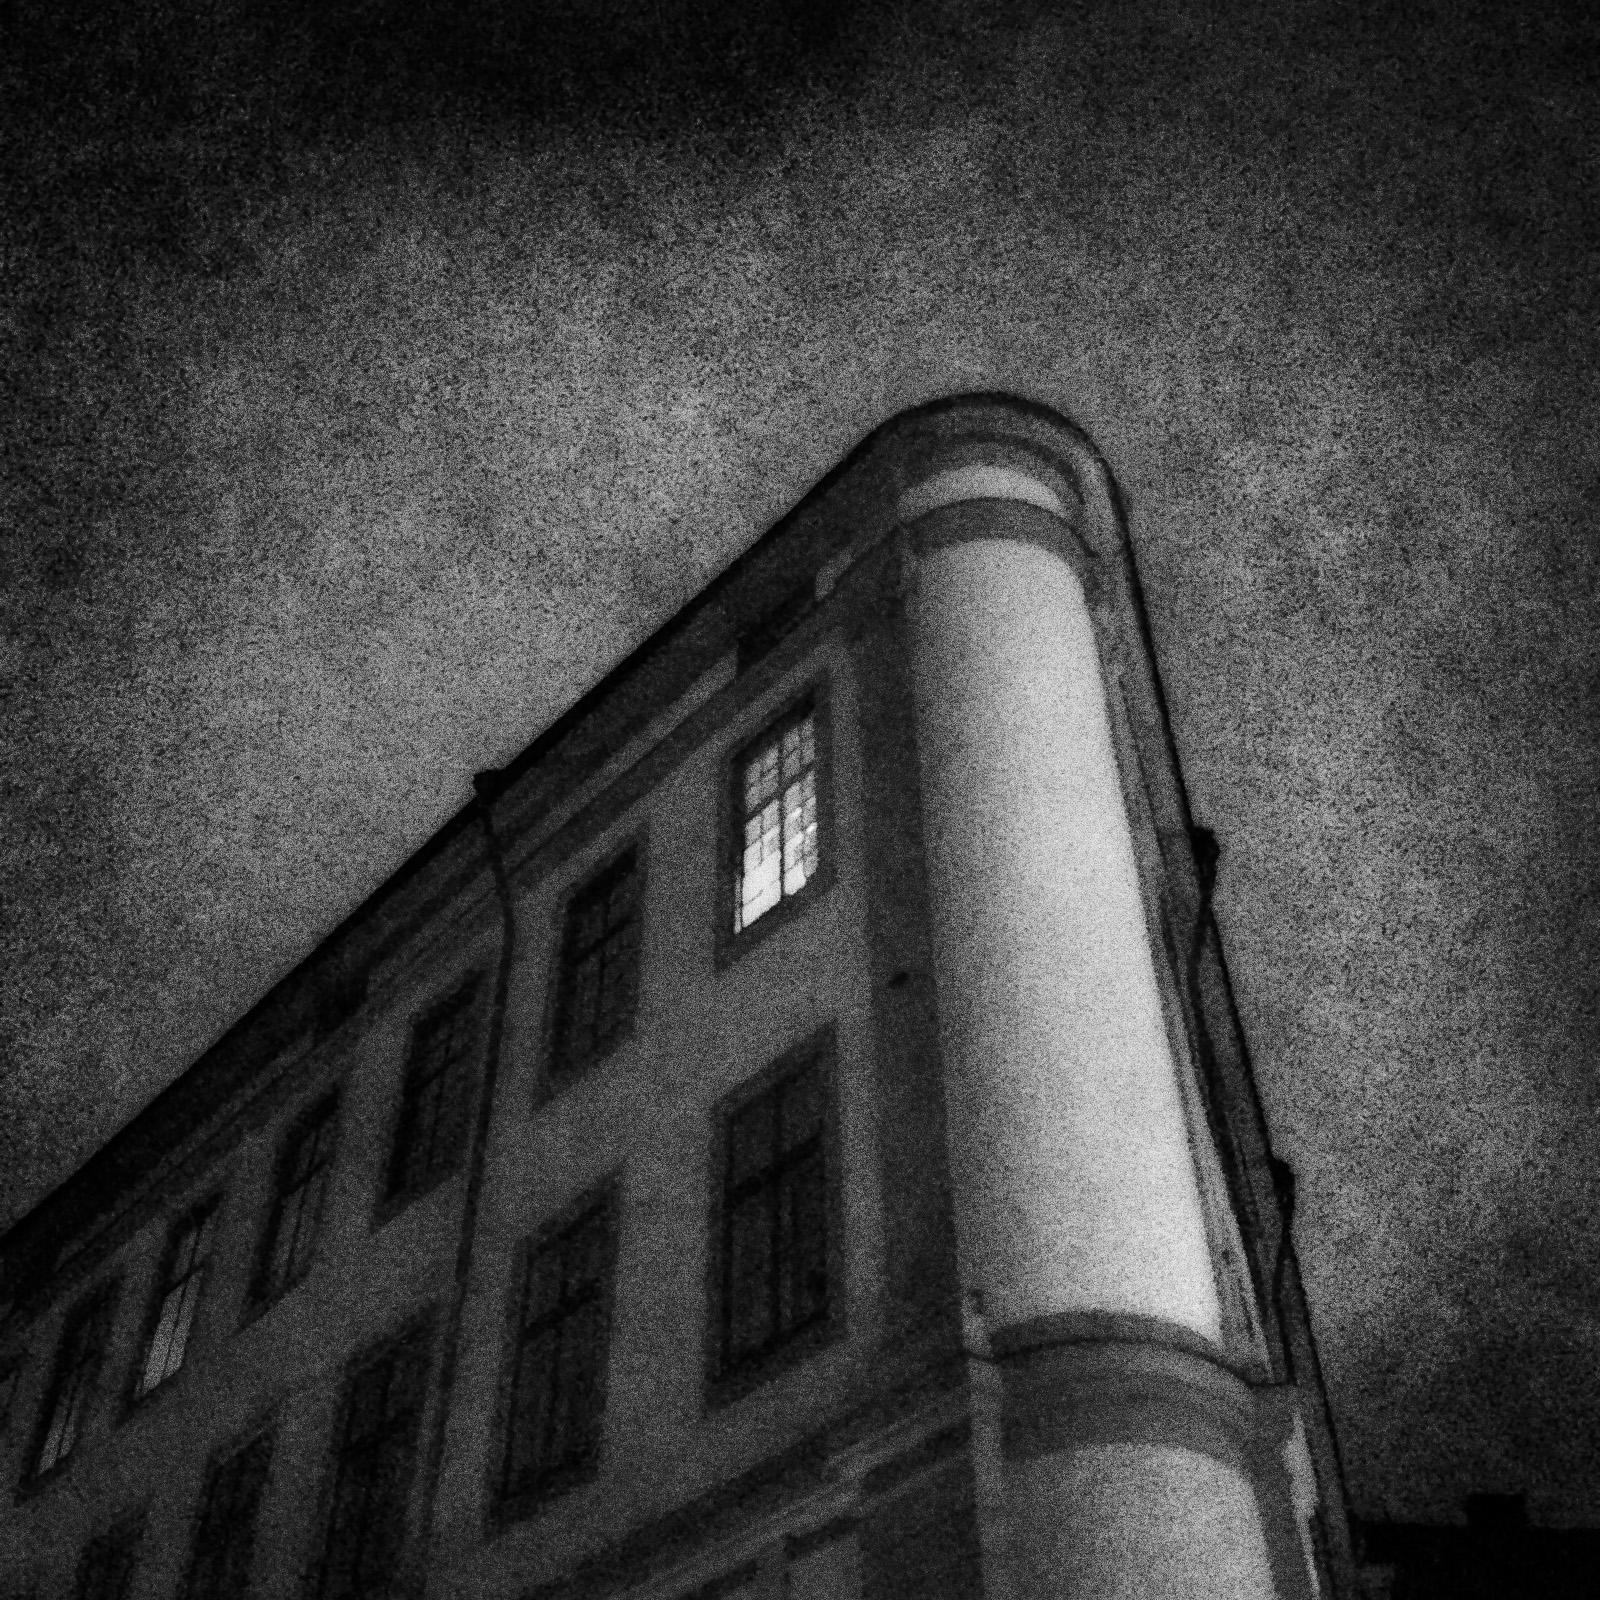 © Jonas Berggren. Titel: Utan titel. Plats/Datum: Stockholm, 2015. Bildmått: 39x39 cm. Teknik: Arkivbeständig pigmentbläckutskrift. Montering: Träram 50x50 cm. Upplaga: 9 + 1 AP. Signerad: Ja. Pris: 5 500 SEK. (Pris avser oinramad bild).